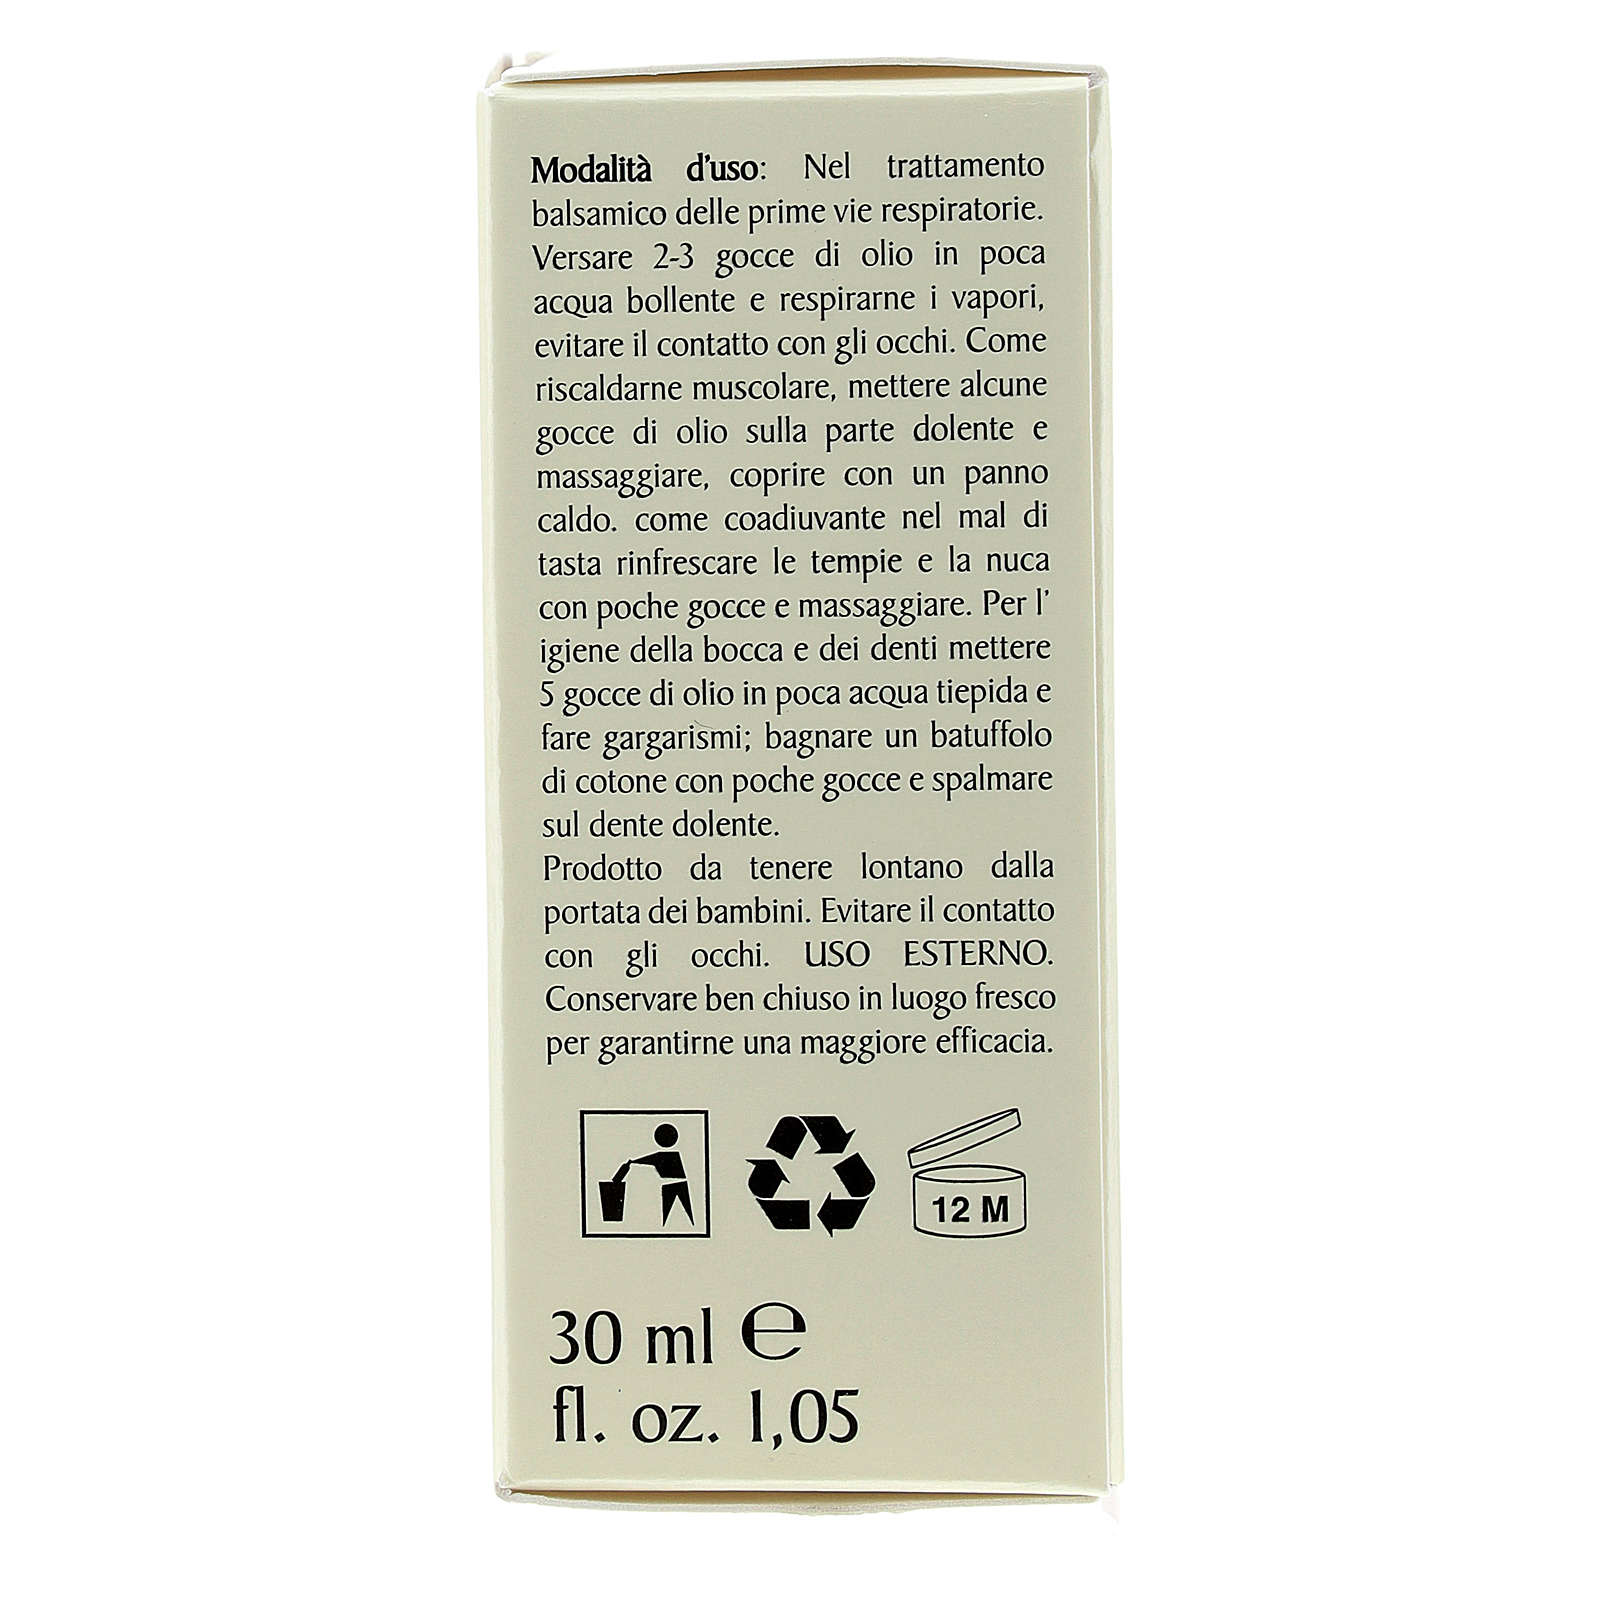 Japanisches Öl (30 ml) 4